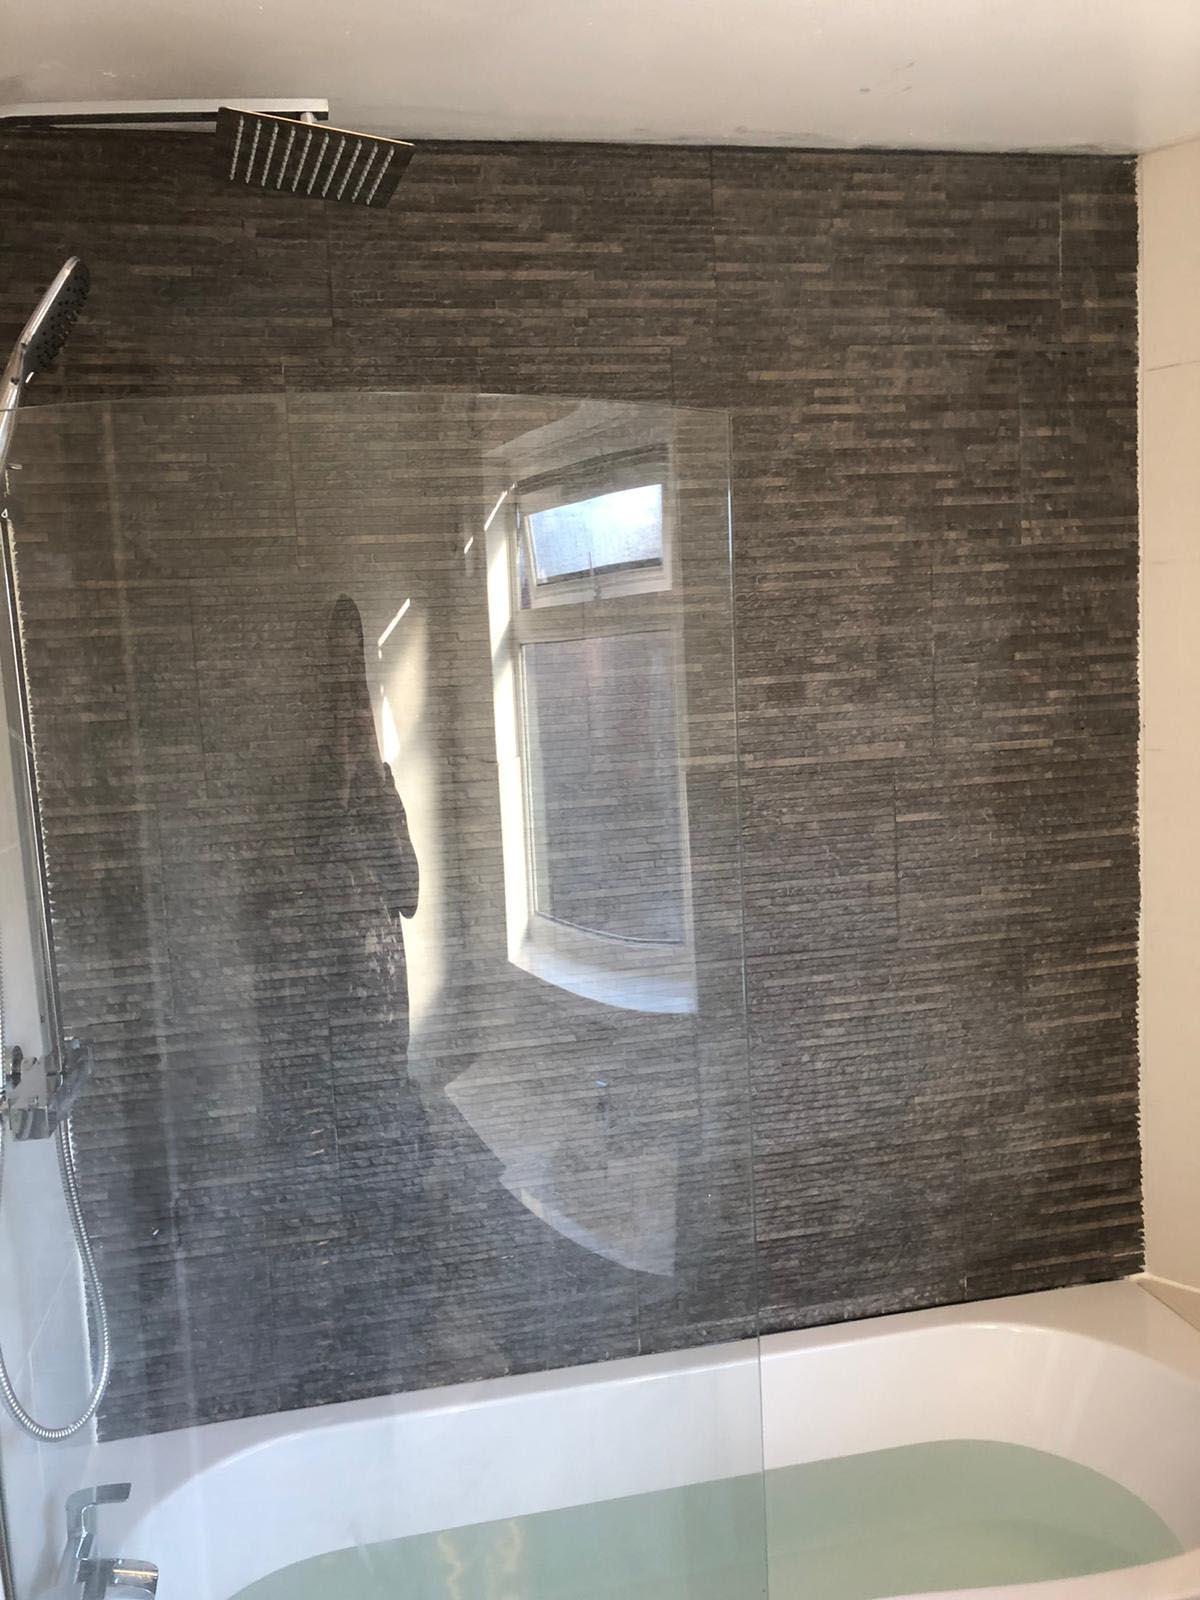 Brindley / May Bathroom Installation, Loughborough